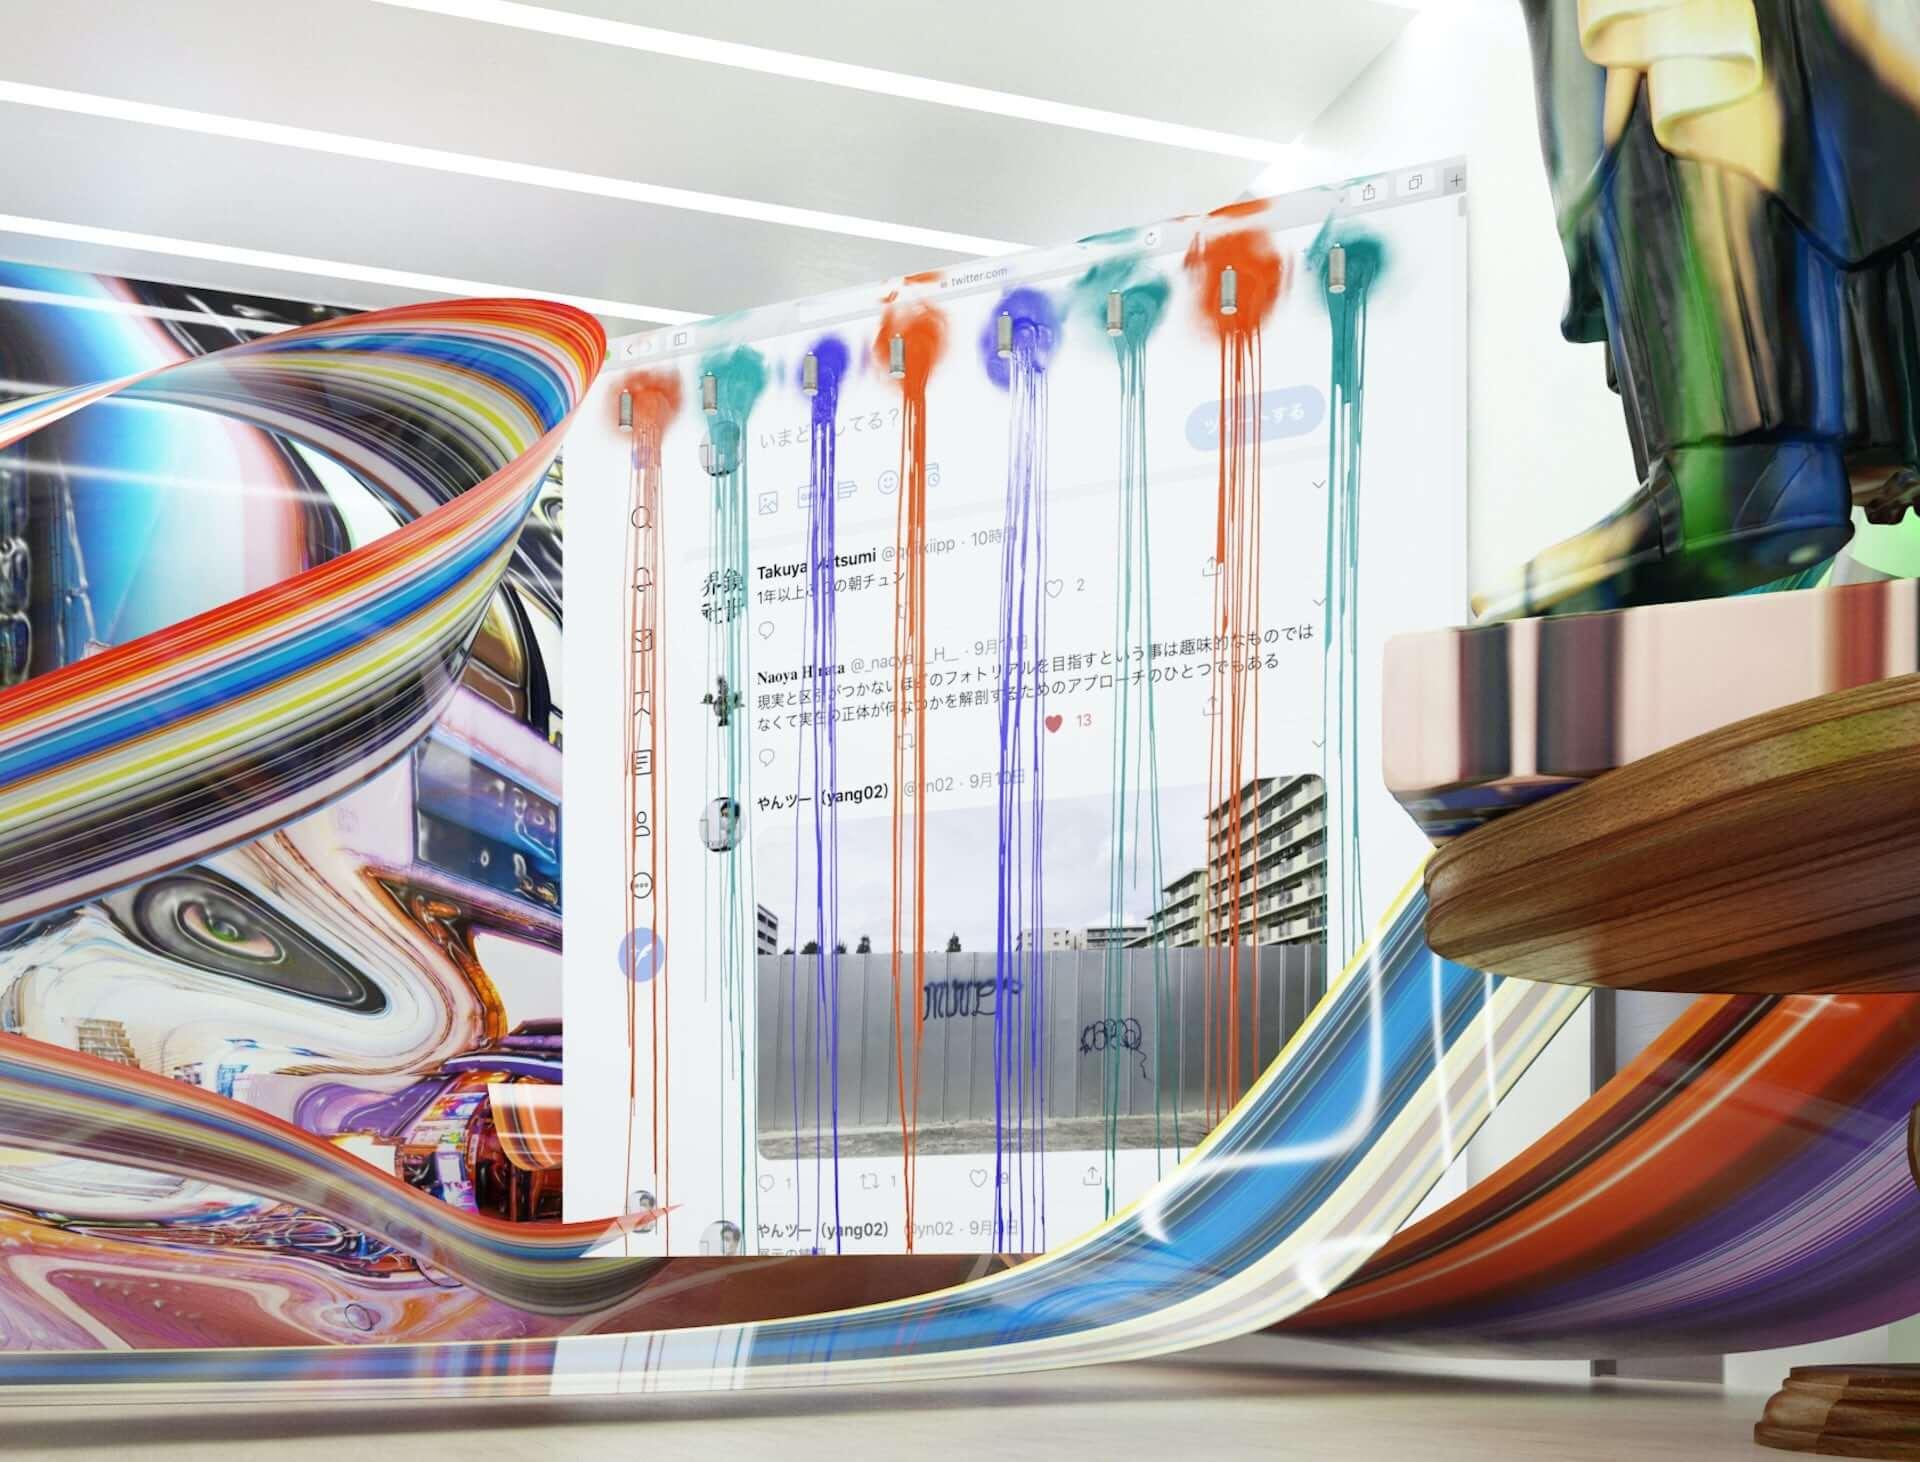 渋谷未来デザインによるアートプロジェクト<新しい実存 – New Existentialism>が始動!小林健太、平田尚也、やんツーが参加 art210319_newexistentialism_7-1920x1462